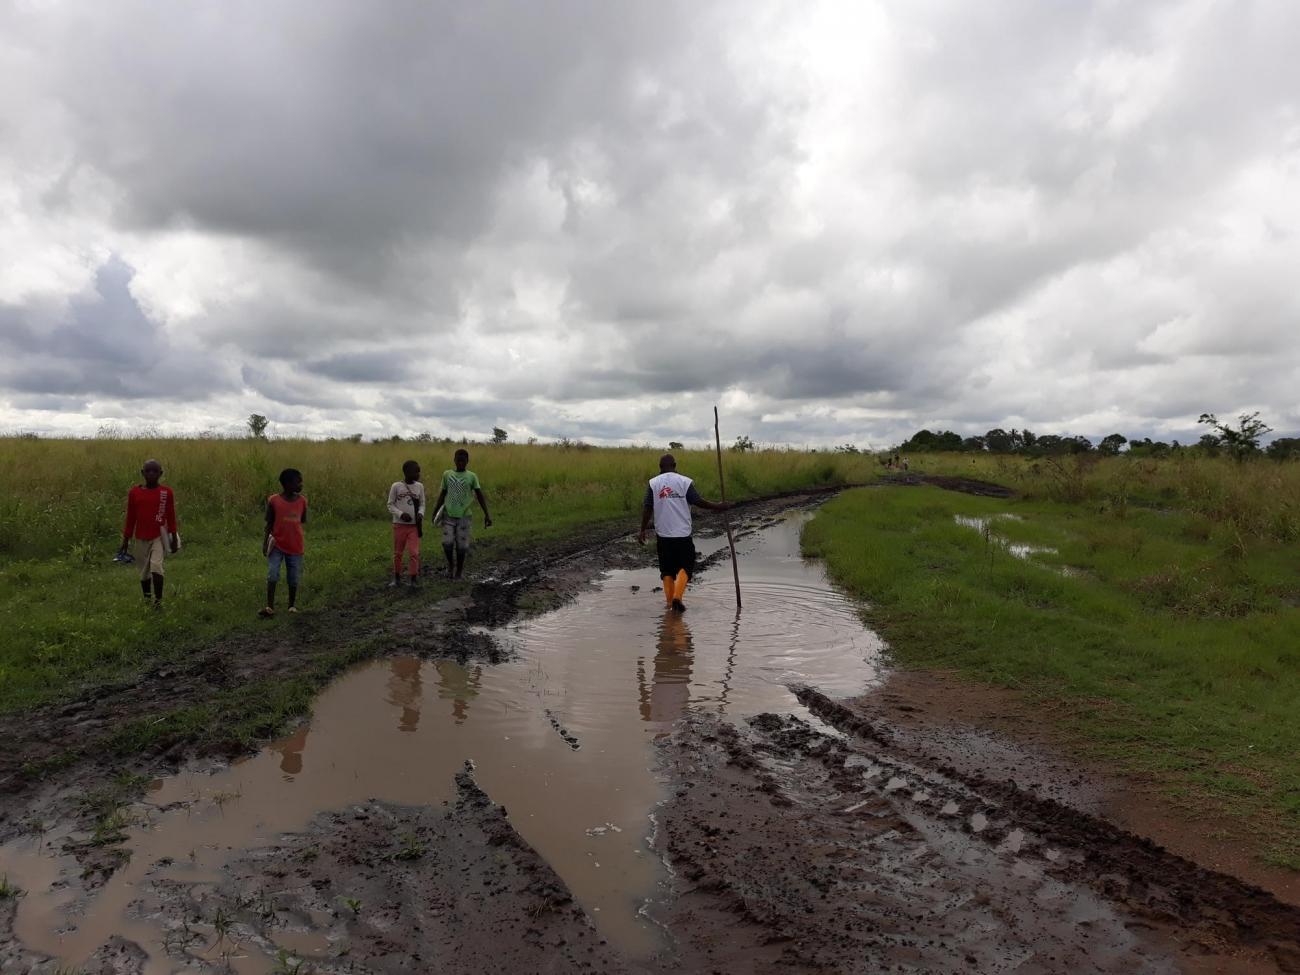 Dans le district de Nhampoca, les rivières sont sorties de leurs lits. Unmois après le passage du cyclone, les eaux n'avaientpas encore reflué. Mozambique. 2019.  © Ana Nery/MSF